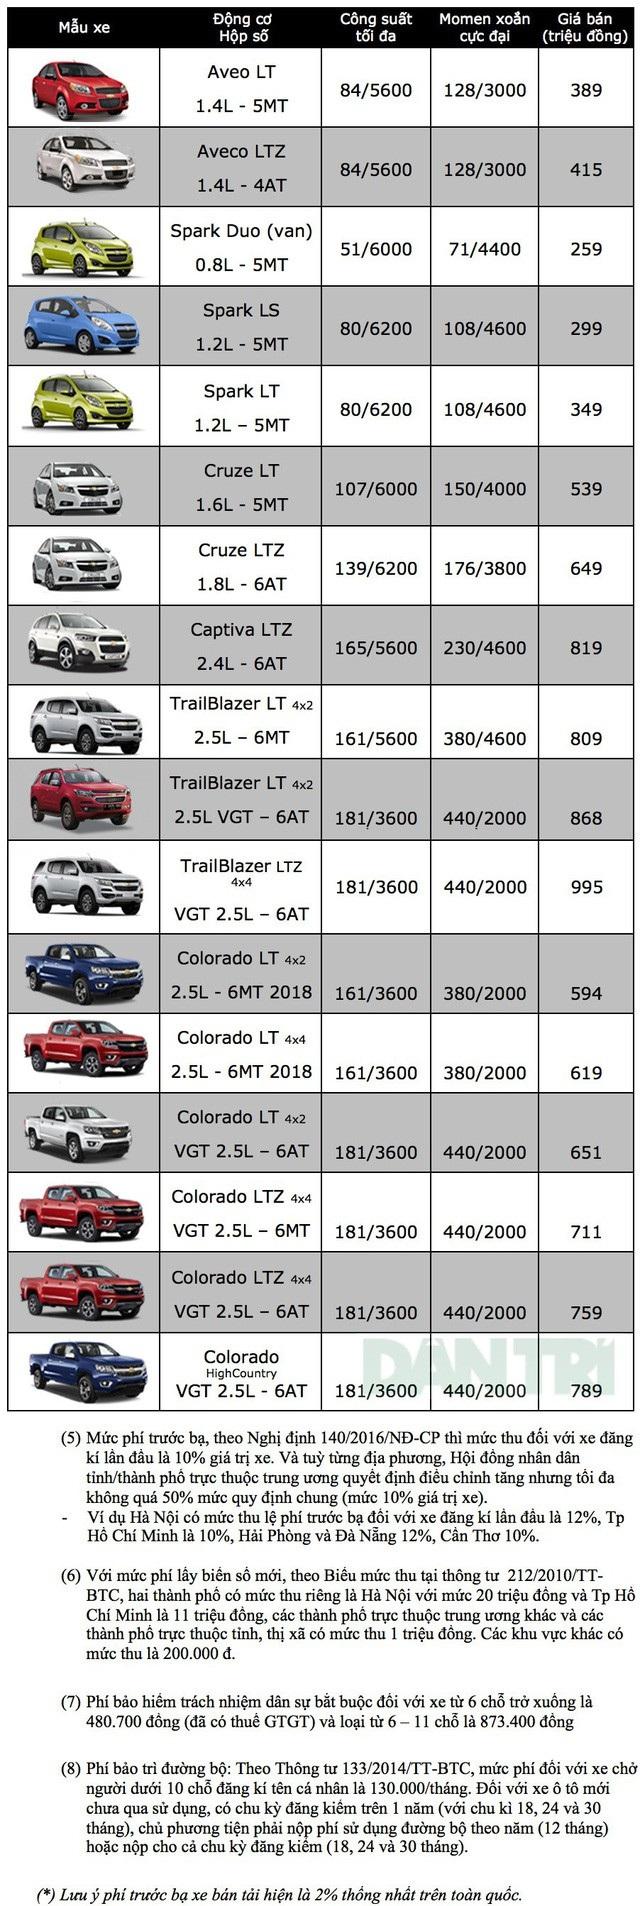 Bảng giá xe Chevrolet tại Việt Nam cập nhật tháng 9/2018 - 1